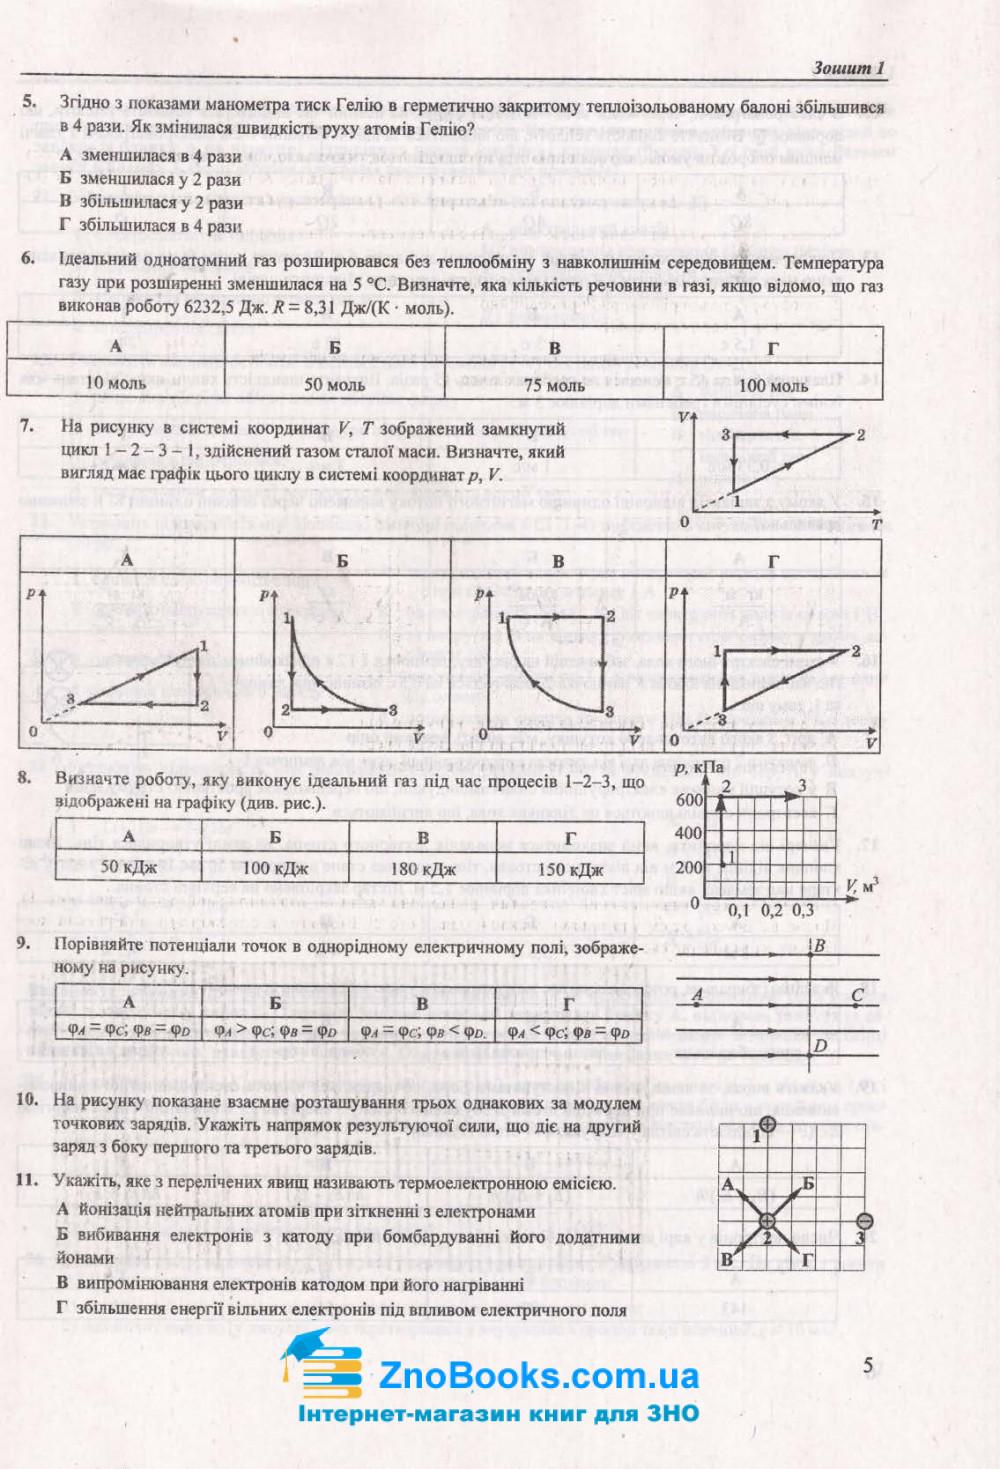 Фізика ЗНО 2021. Тренажер : Струж Н. Підручники і посібники. купити 5